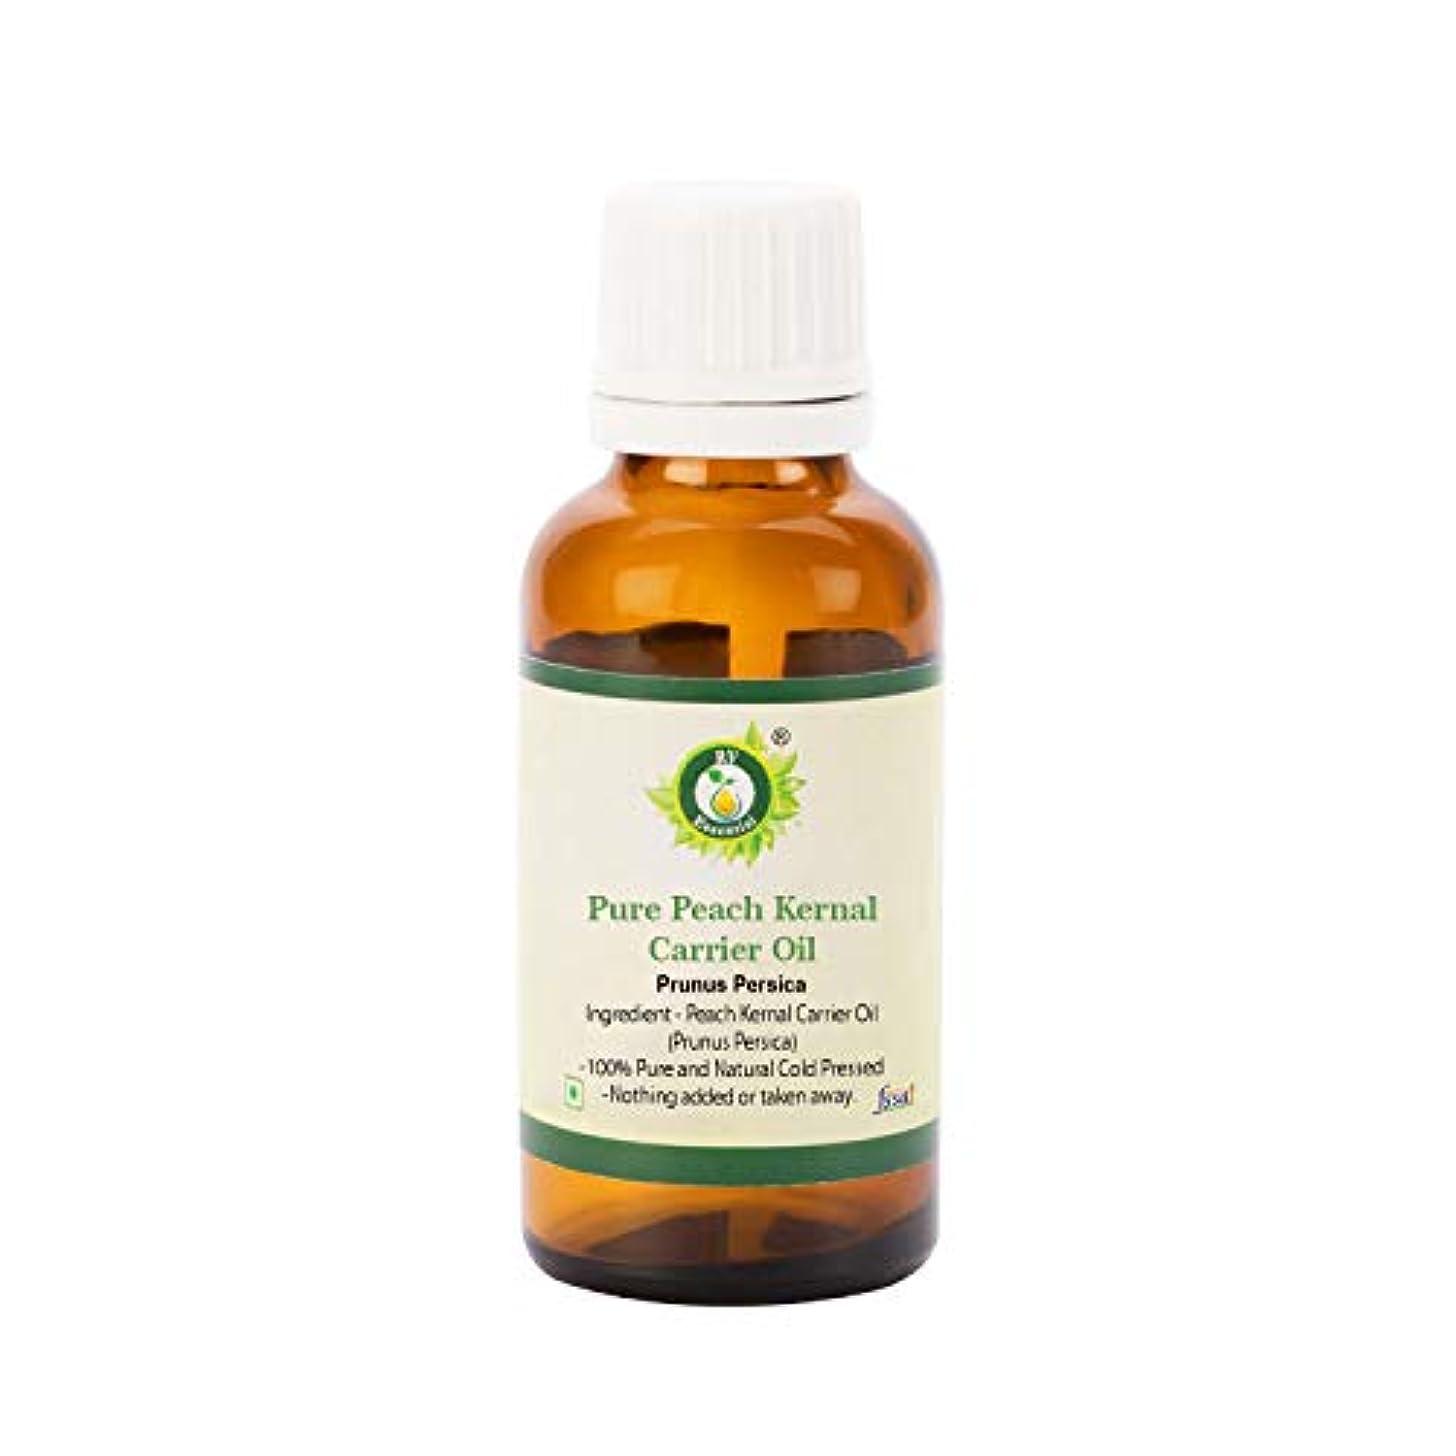 アルカトラズ島本物のマルコポーロR V Essential ピュアピーチ Kernalキャリアオイル15ml (0.507oz)- Prunus Persica (100%ピュア&ナチュラルコールドPressed) Pure Peach Kernal...